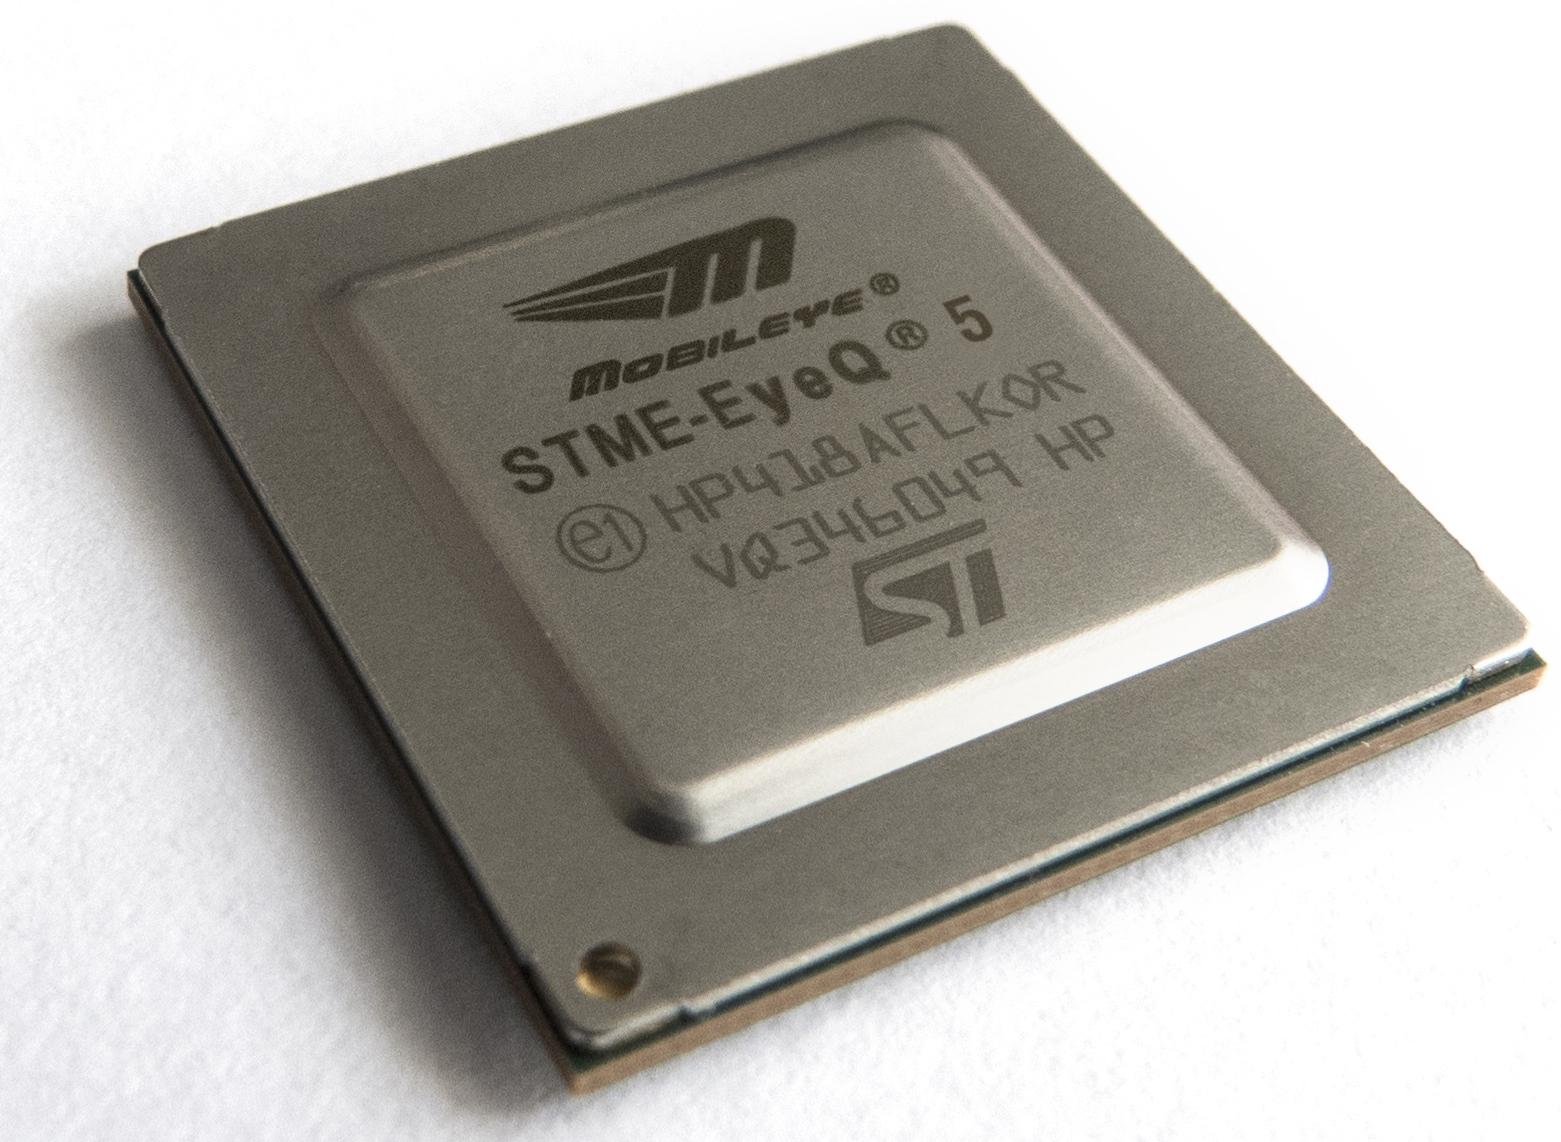 The Moblieye EyeQ5 chip.